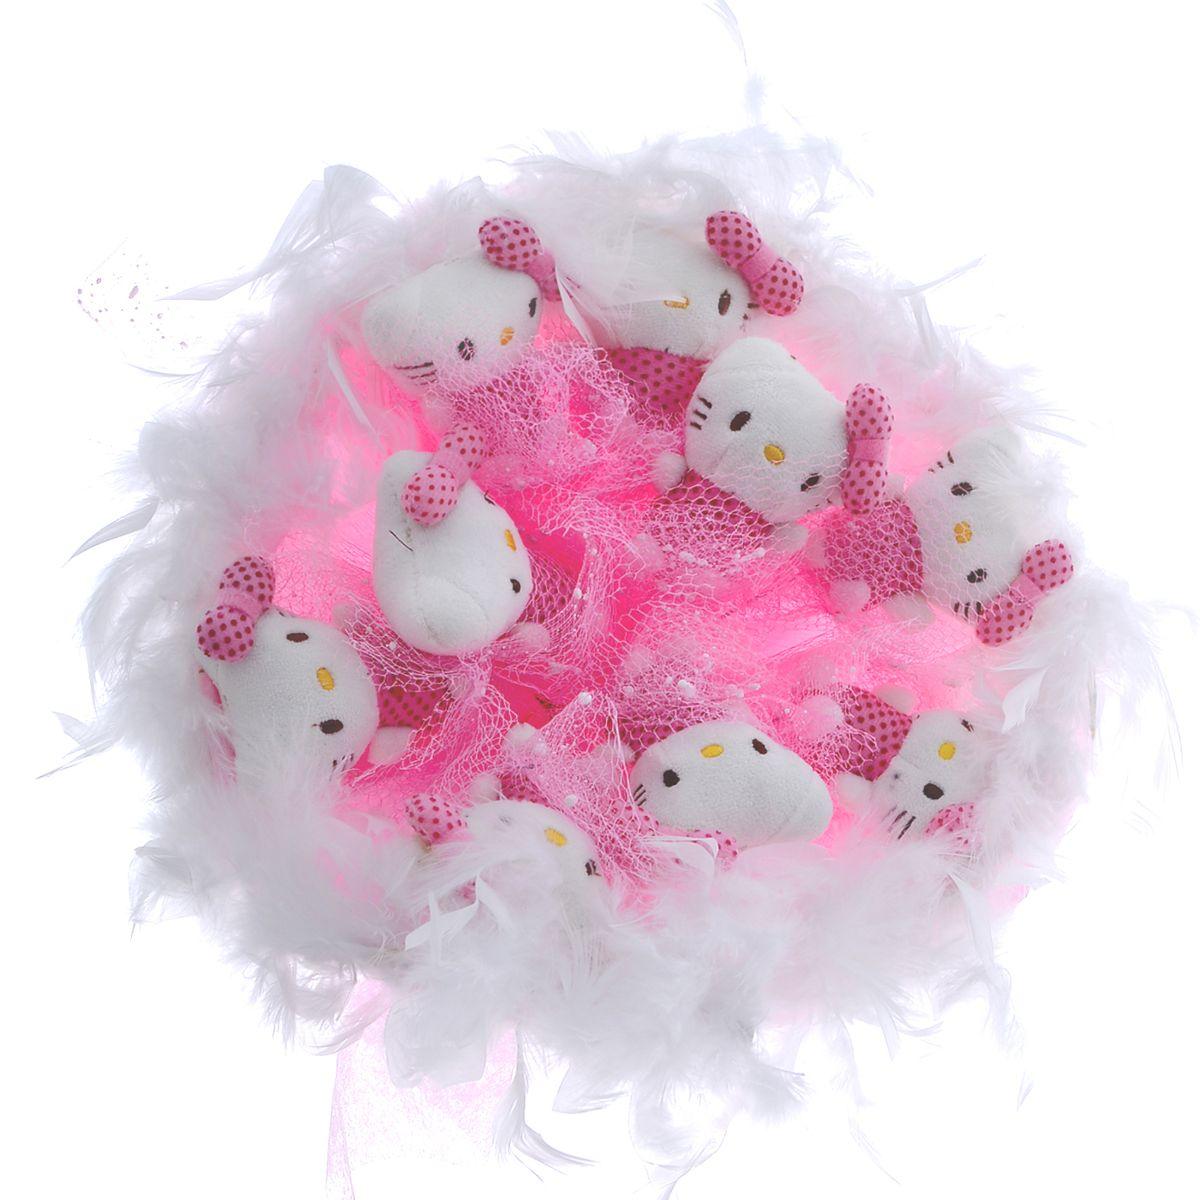 Букет из игрушек Toy Bouquet Котята, цвет: розовый, 9 игрушекC002-9-41Букет из 9 мягких милых Кити упакован в мягкую струящуюся органзу розового цвета с добавлением флористической сетки, декорирован великолепным пышным боа по краю букета и перевязан широкой атласной лентой с добавлением серебристой парчовой тесьмы.Мягкие игрушки, оформленные в букет – приятный подарок для любимой, для мамы, подруги или для ребенка. Оригинальные букеты торговой марки Toy Bouquet из мягких игрушек прекрасно подойдут для многих праздников: День Святого Валентина, 8 марта, день рождения, выпускной, а также на другие памятные даты или годовщины.